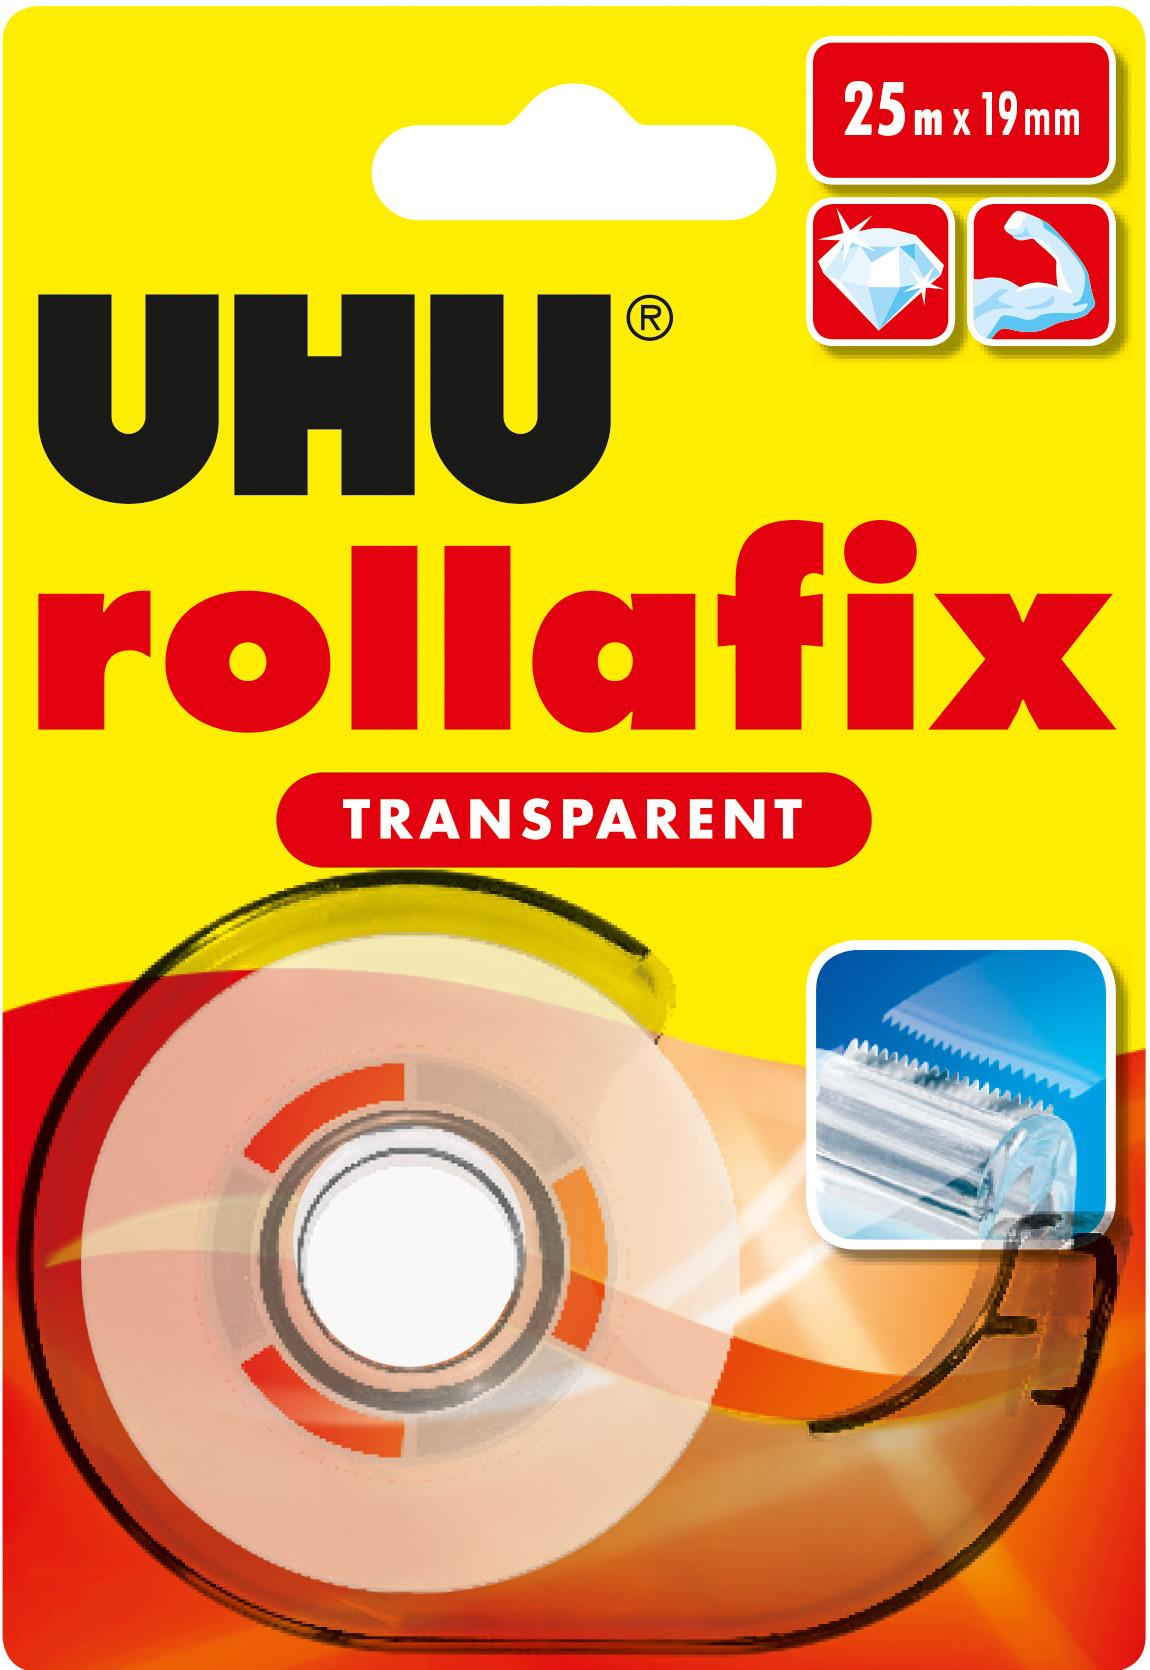 UHU rollafix transparent Klebeband Klebefilm inkl. Abroller mit Metallmesser 25m x 19mm